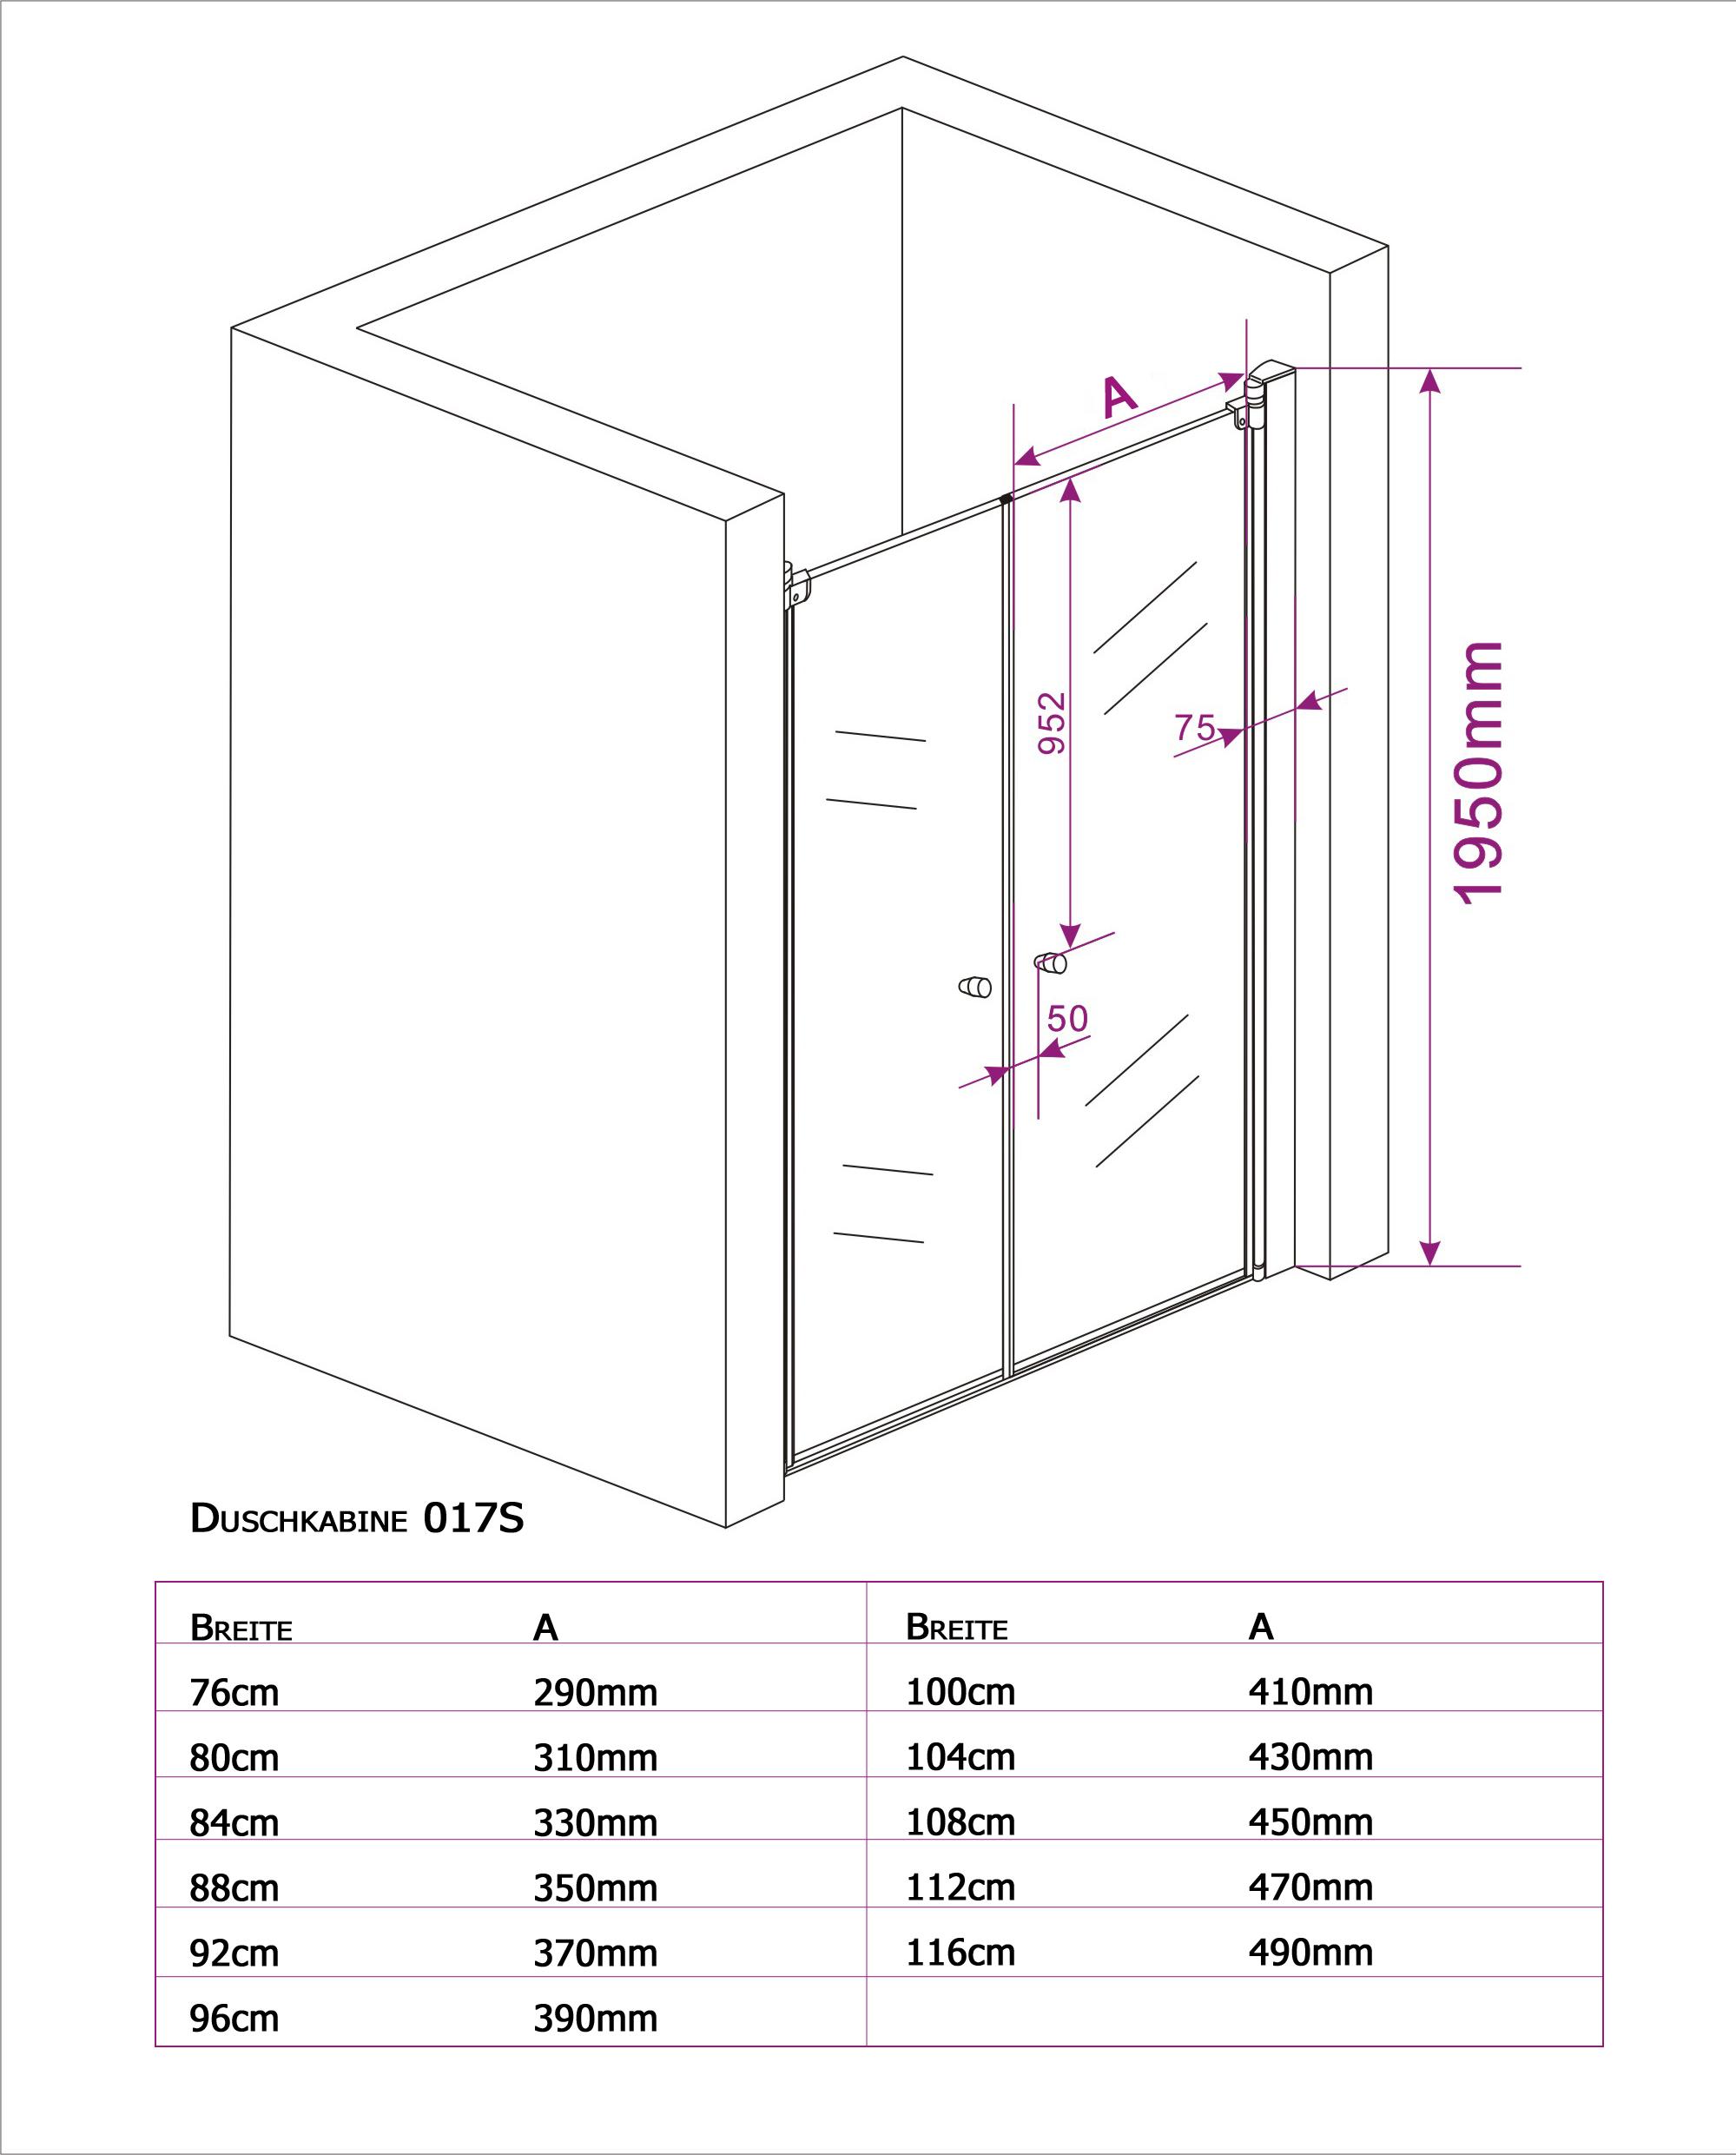 Duschkabine 017S/EX218 - Zeichnung